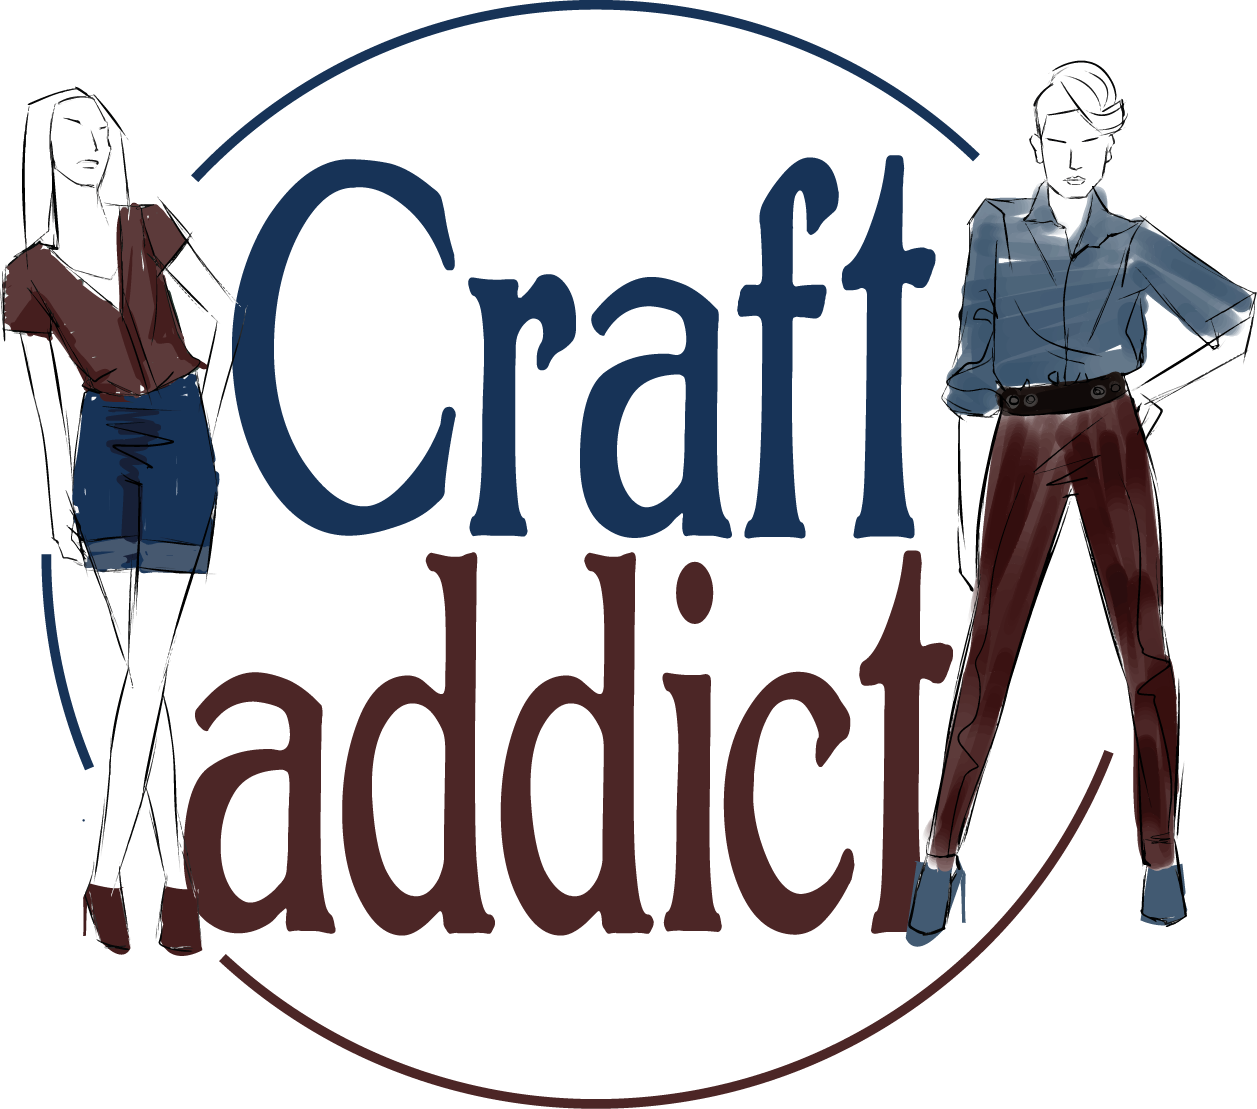 Crafftaddict